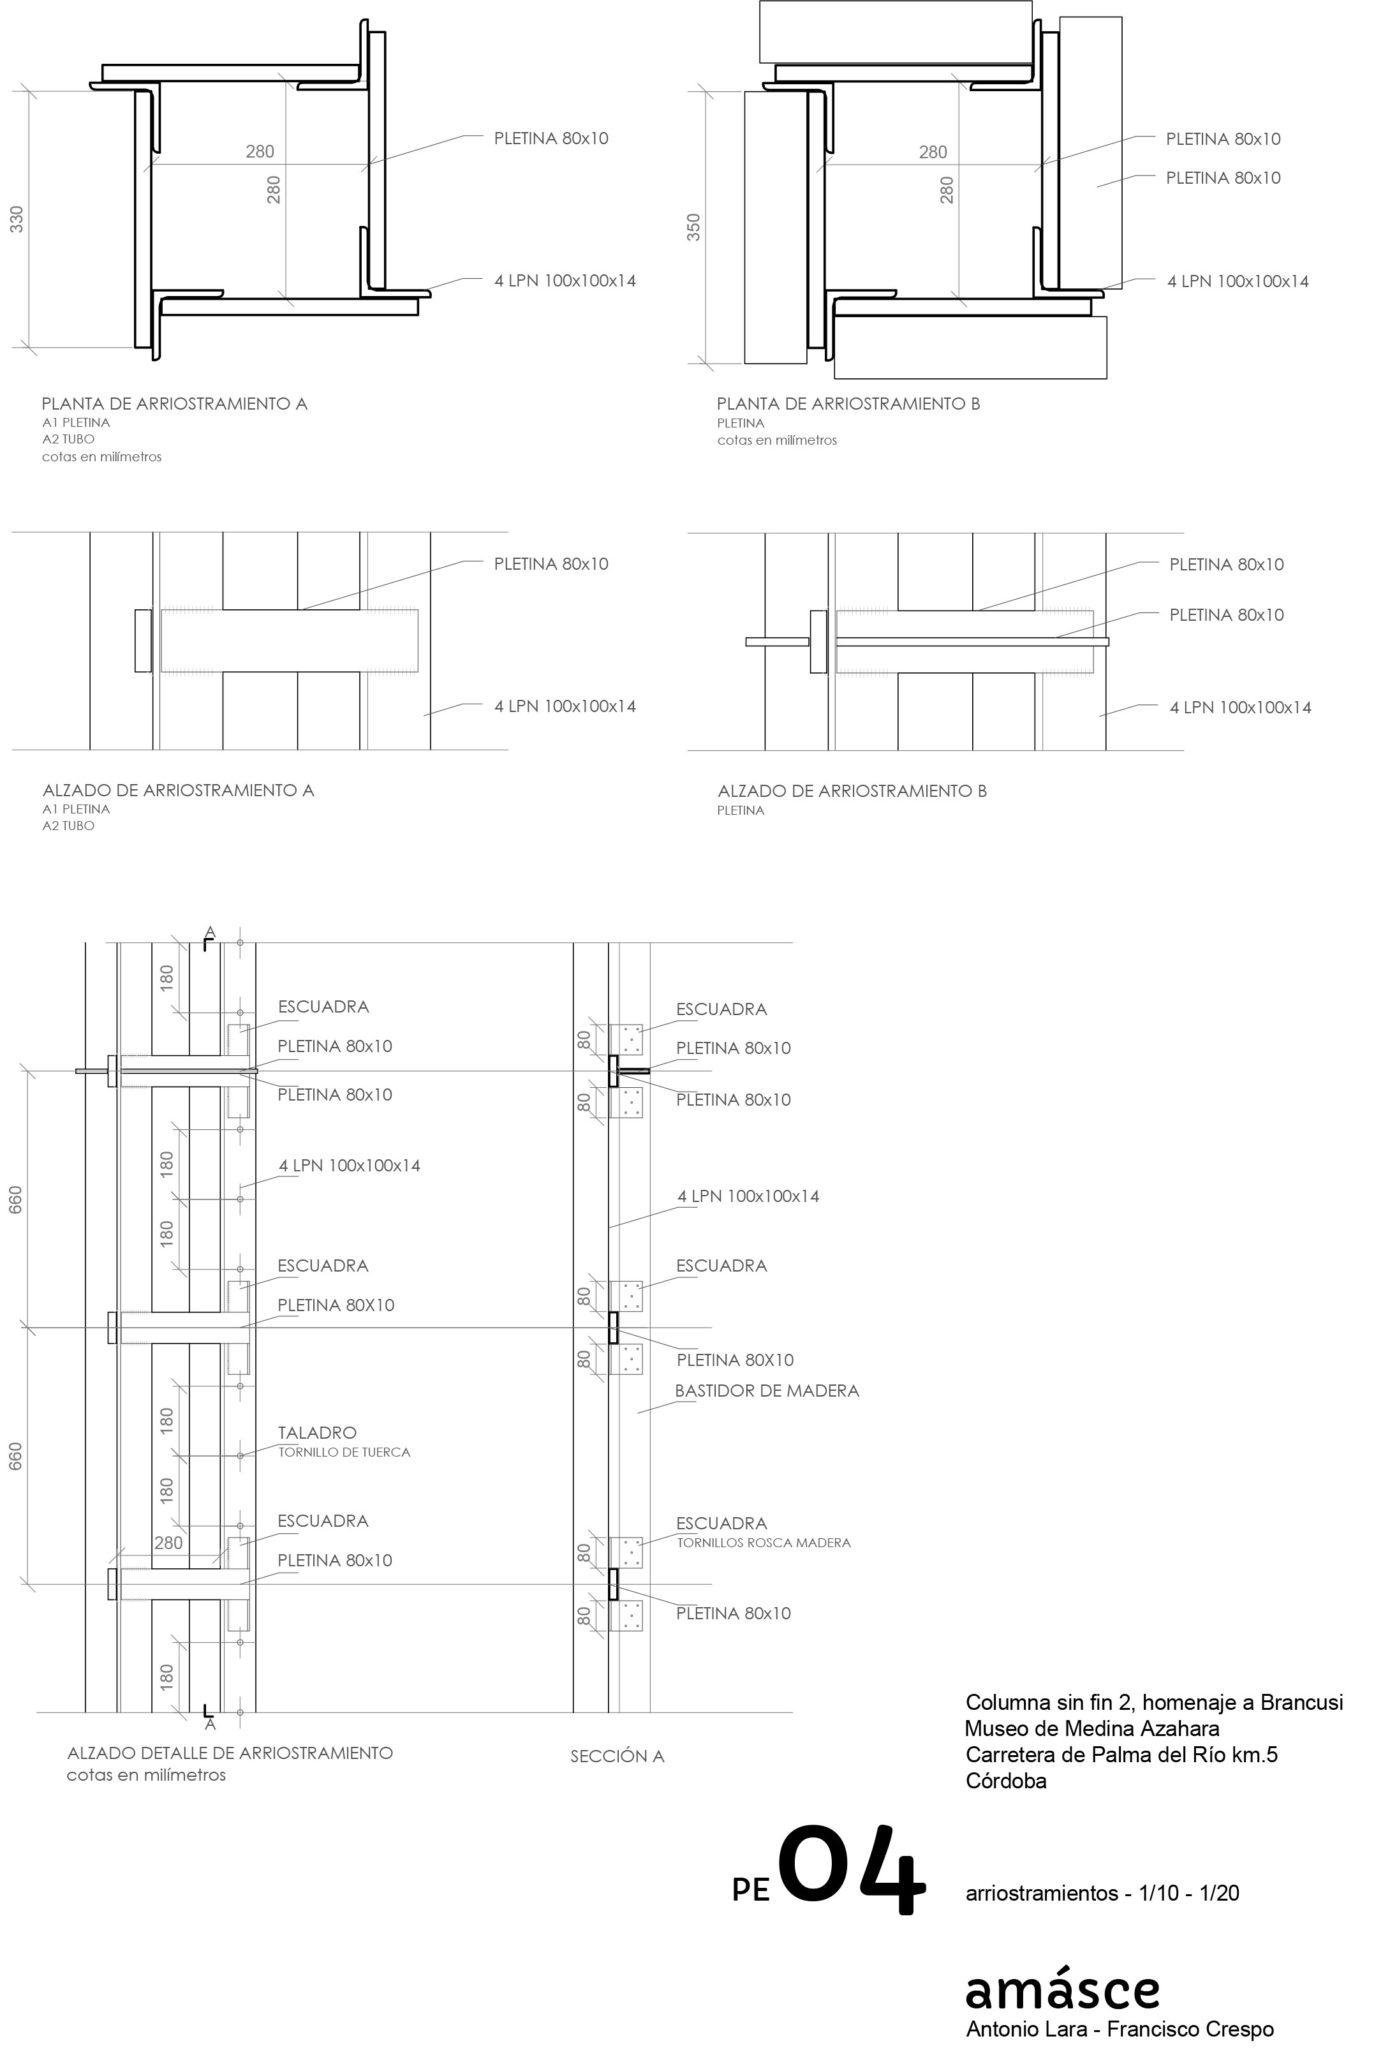 Homenaje a Brancusi. / Proyecto presentado por estudio amásce